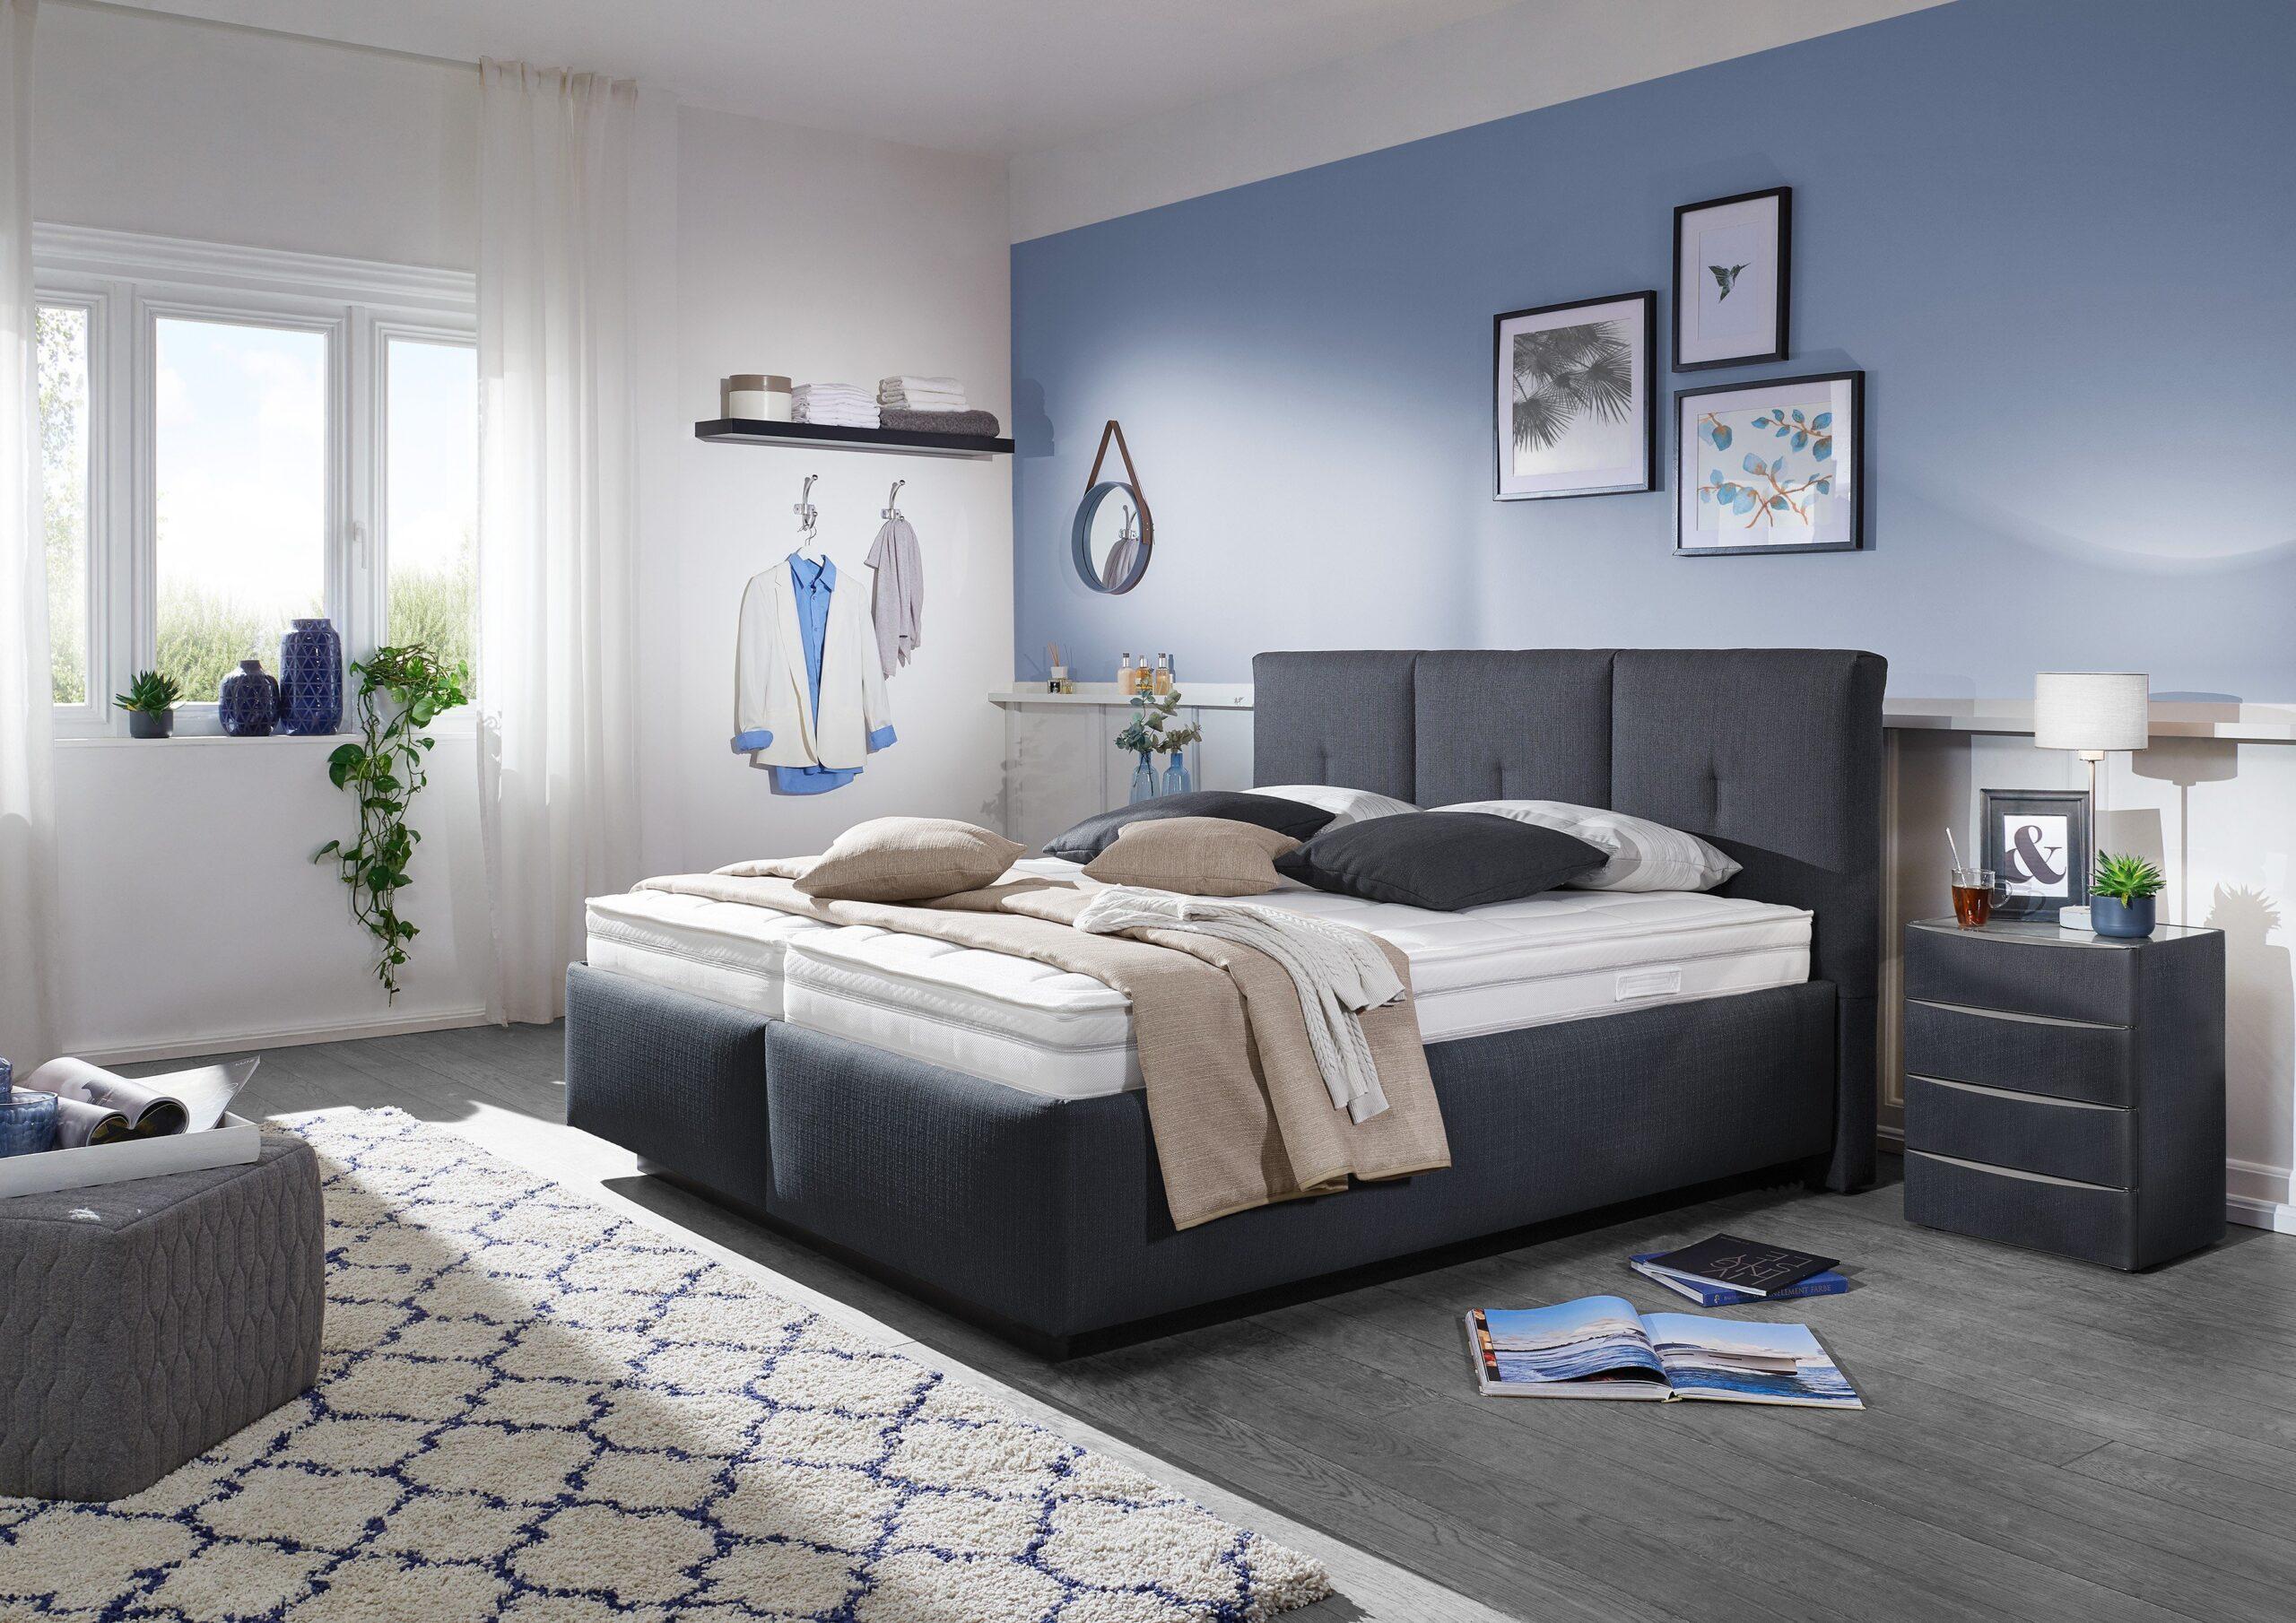 Full Size of Oschmann Polsterbett Easy Best In Anthrazit Mbel Letz Ihr Bett 200x220 Betten Wohnzimmer Polsterbett 200x220